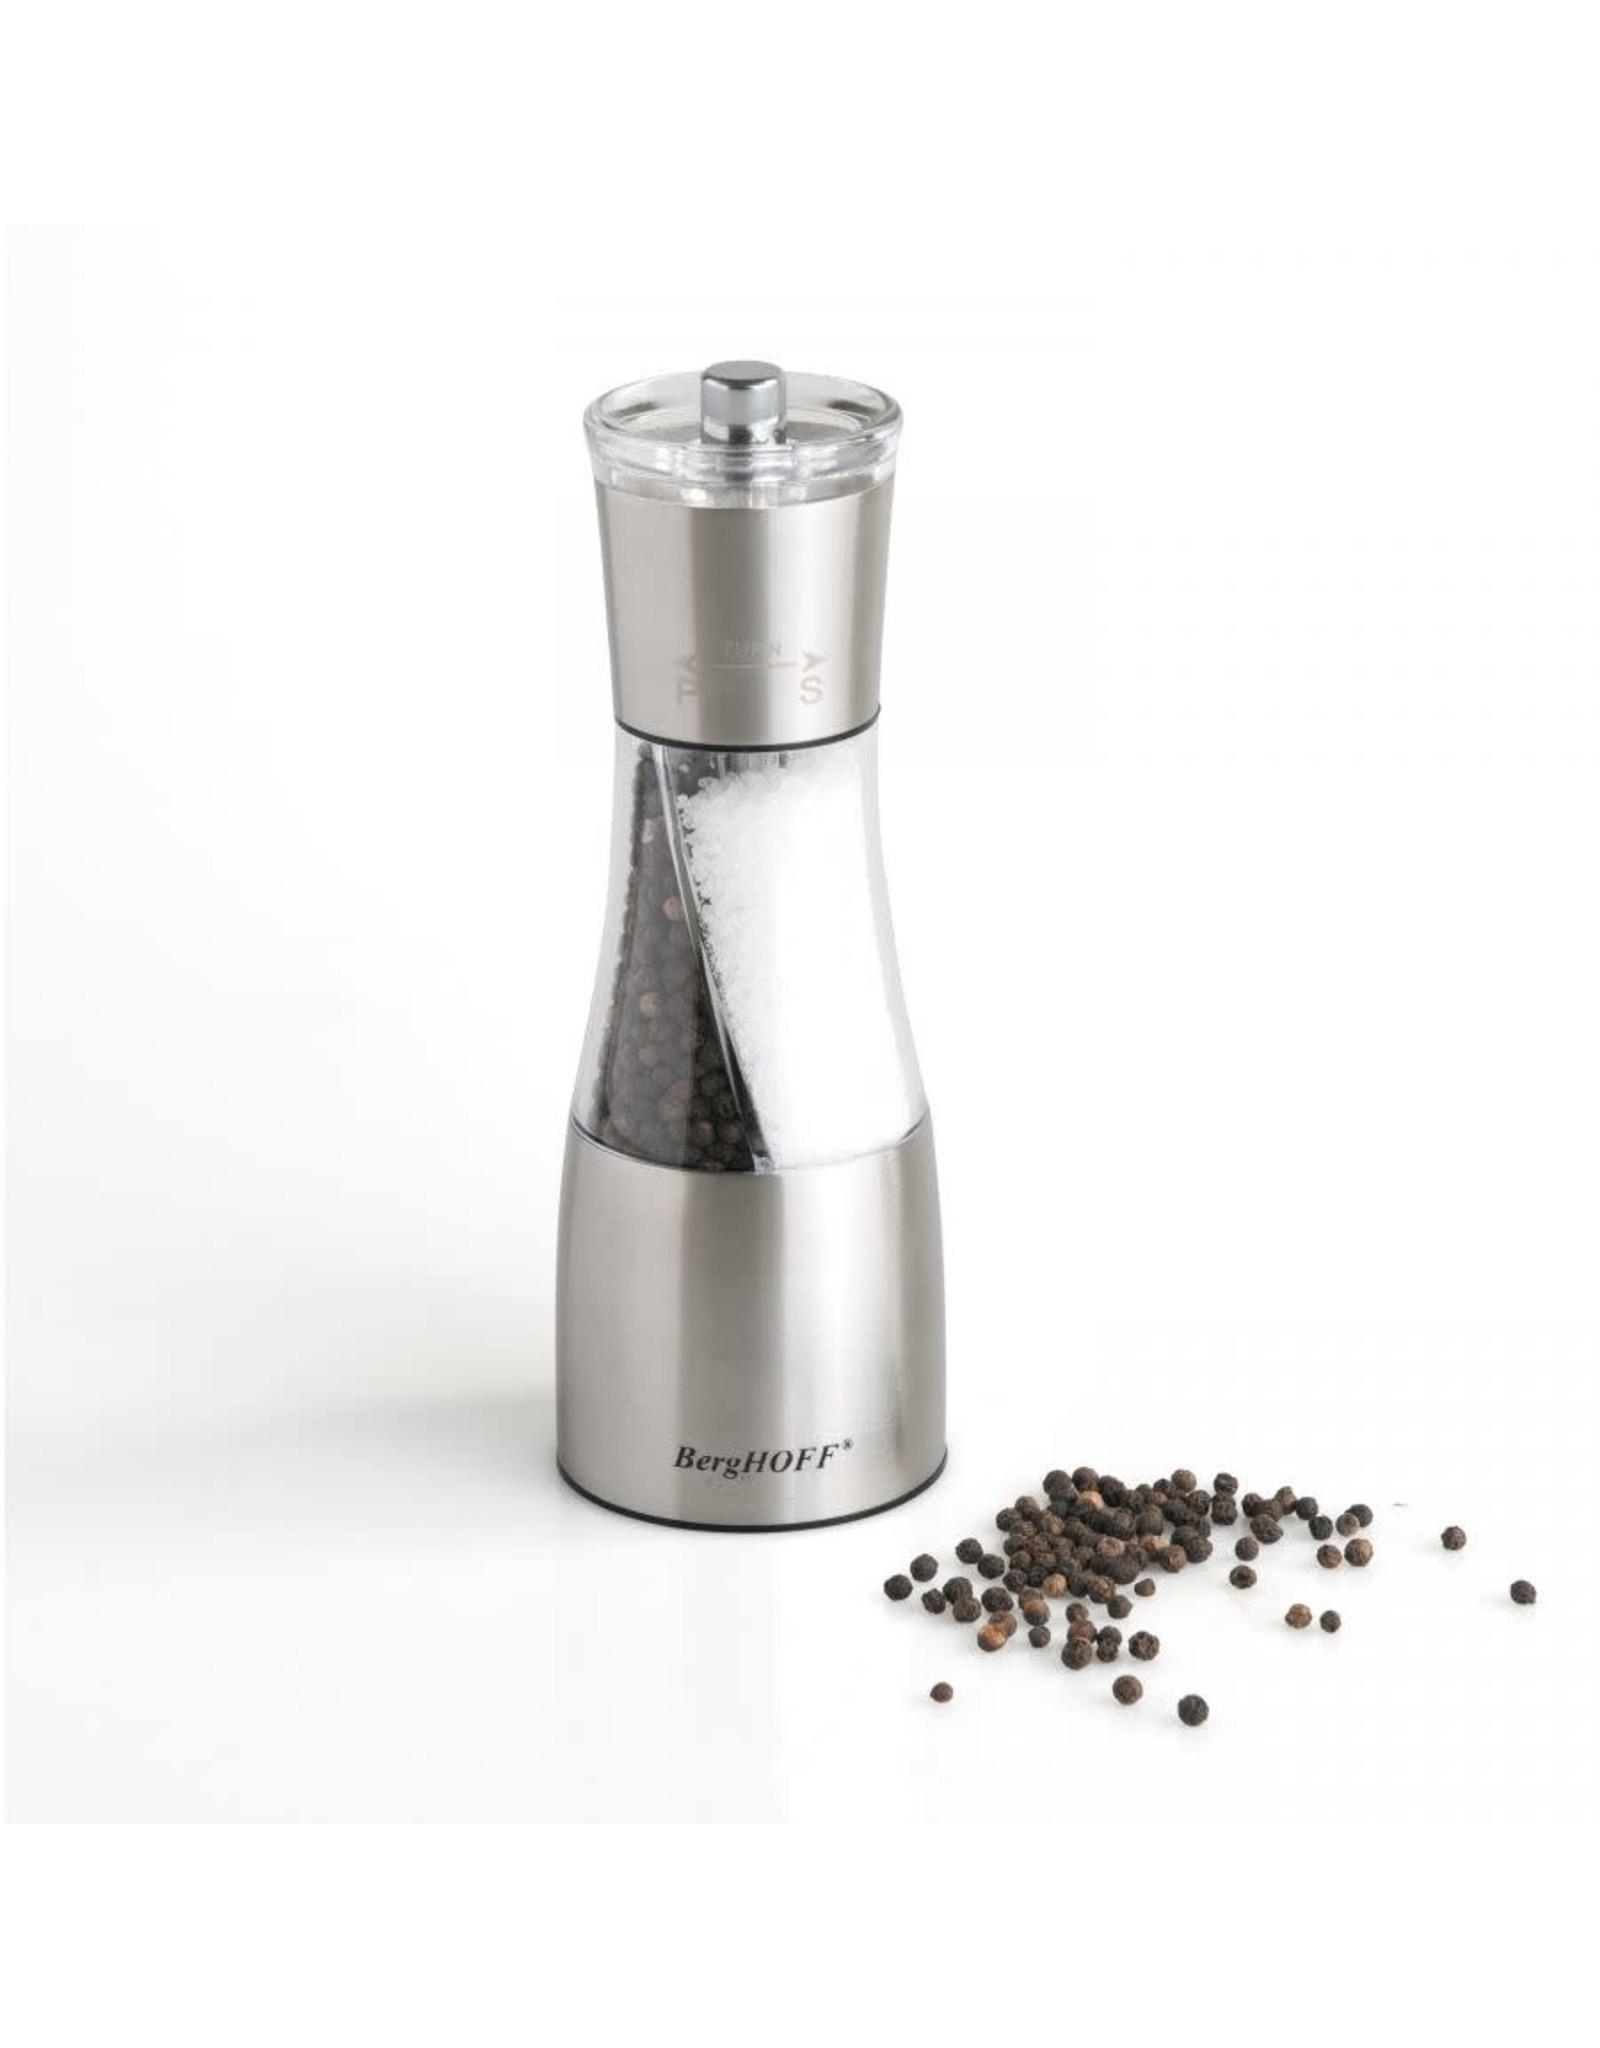 BergHoff. Essentials zout- en peperset duo molen